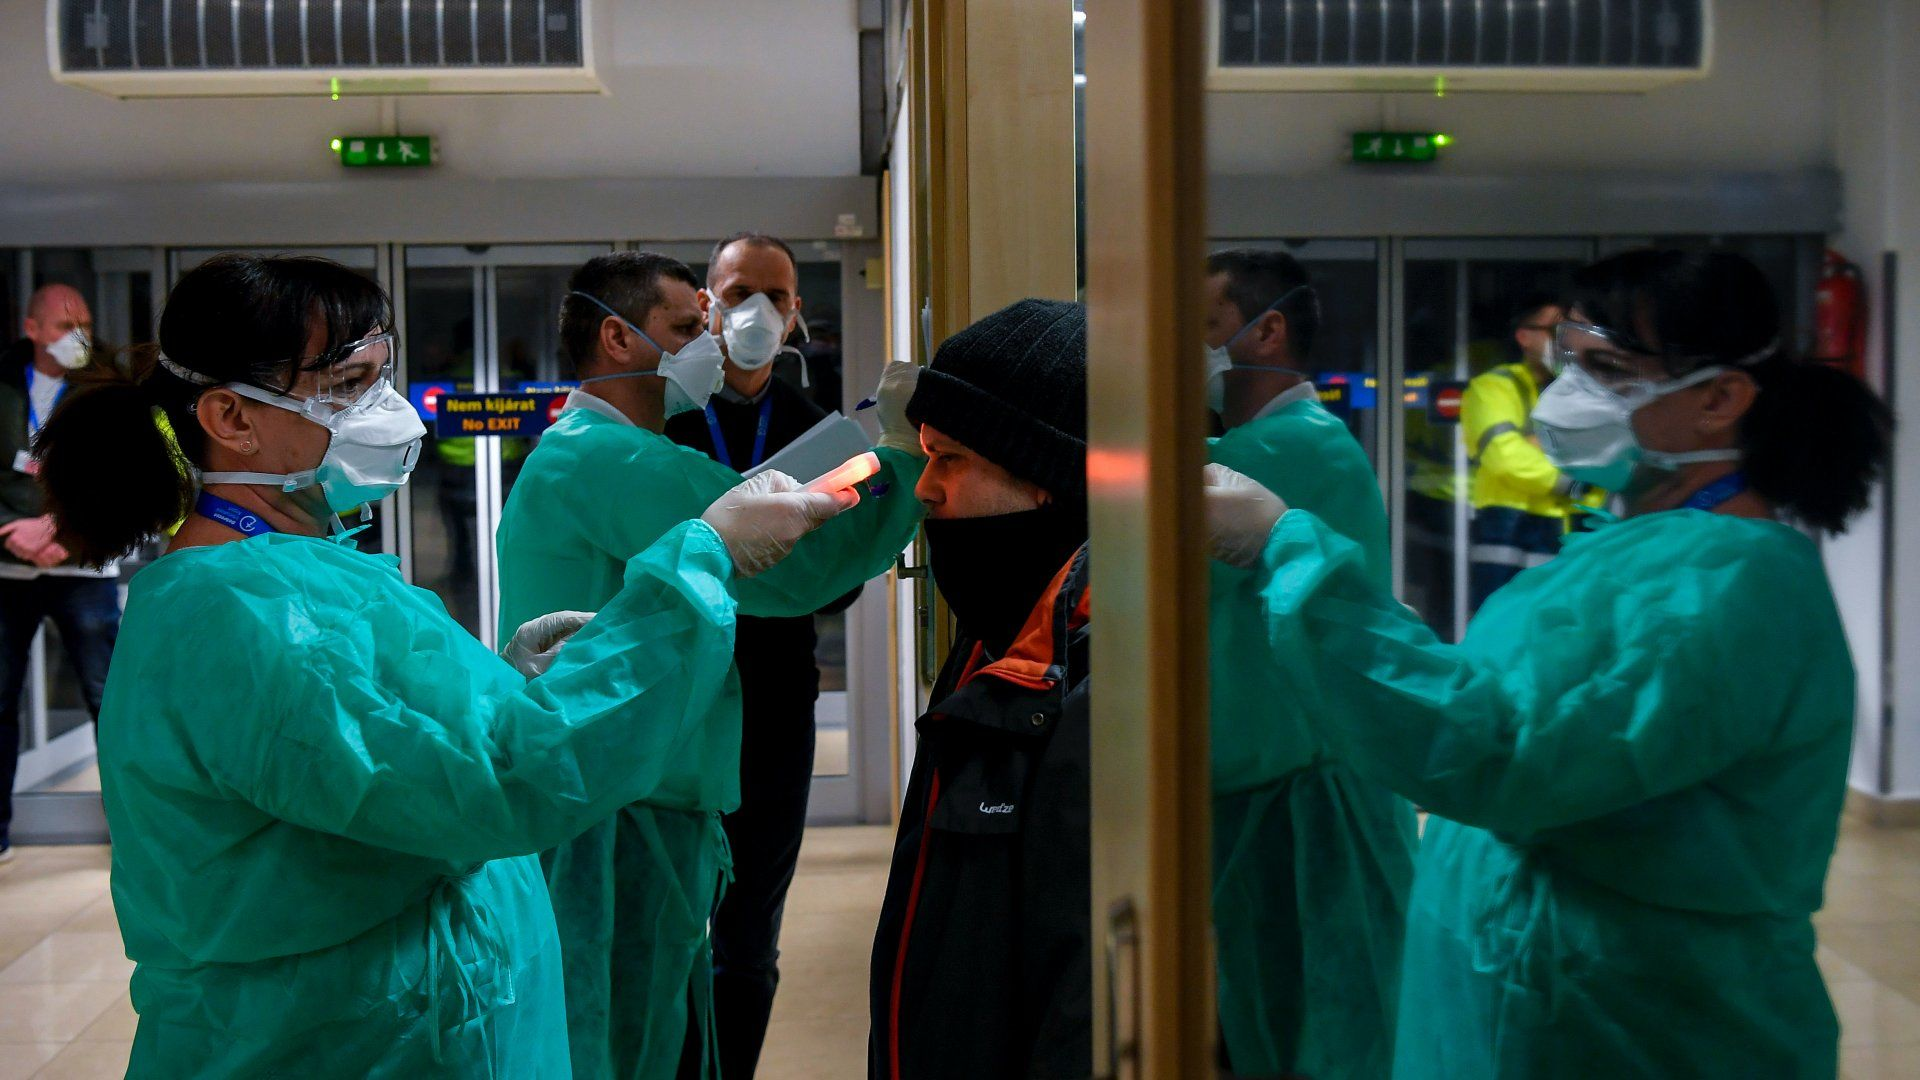 Olaszországból hazatért utasok testhőmérsékletét mérik a milánói járat érkezése után a debreceni repülőtéren 2020. február 25-én (Fotó: MTI/Czeglédi Zsolt)